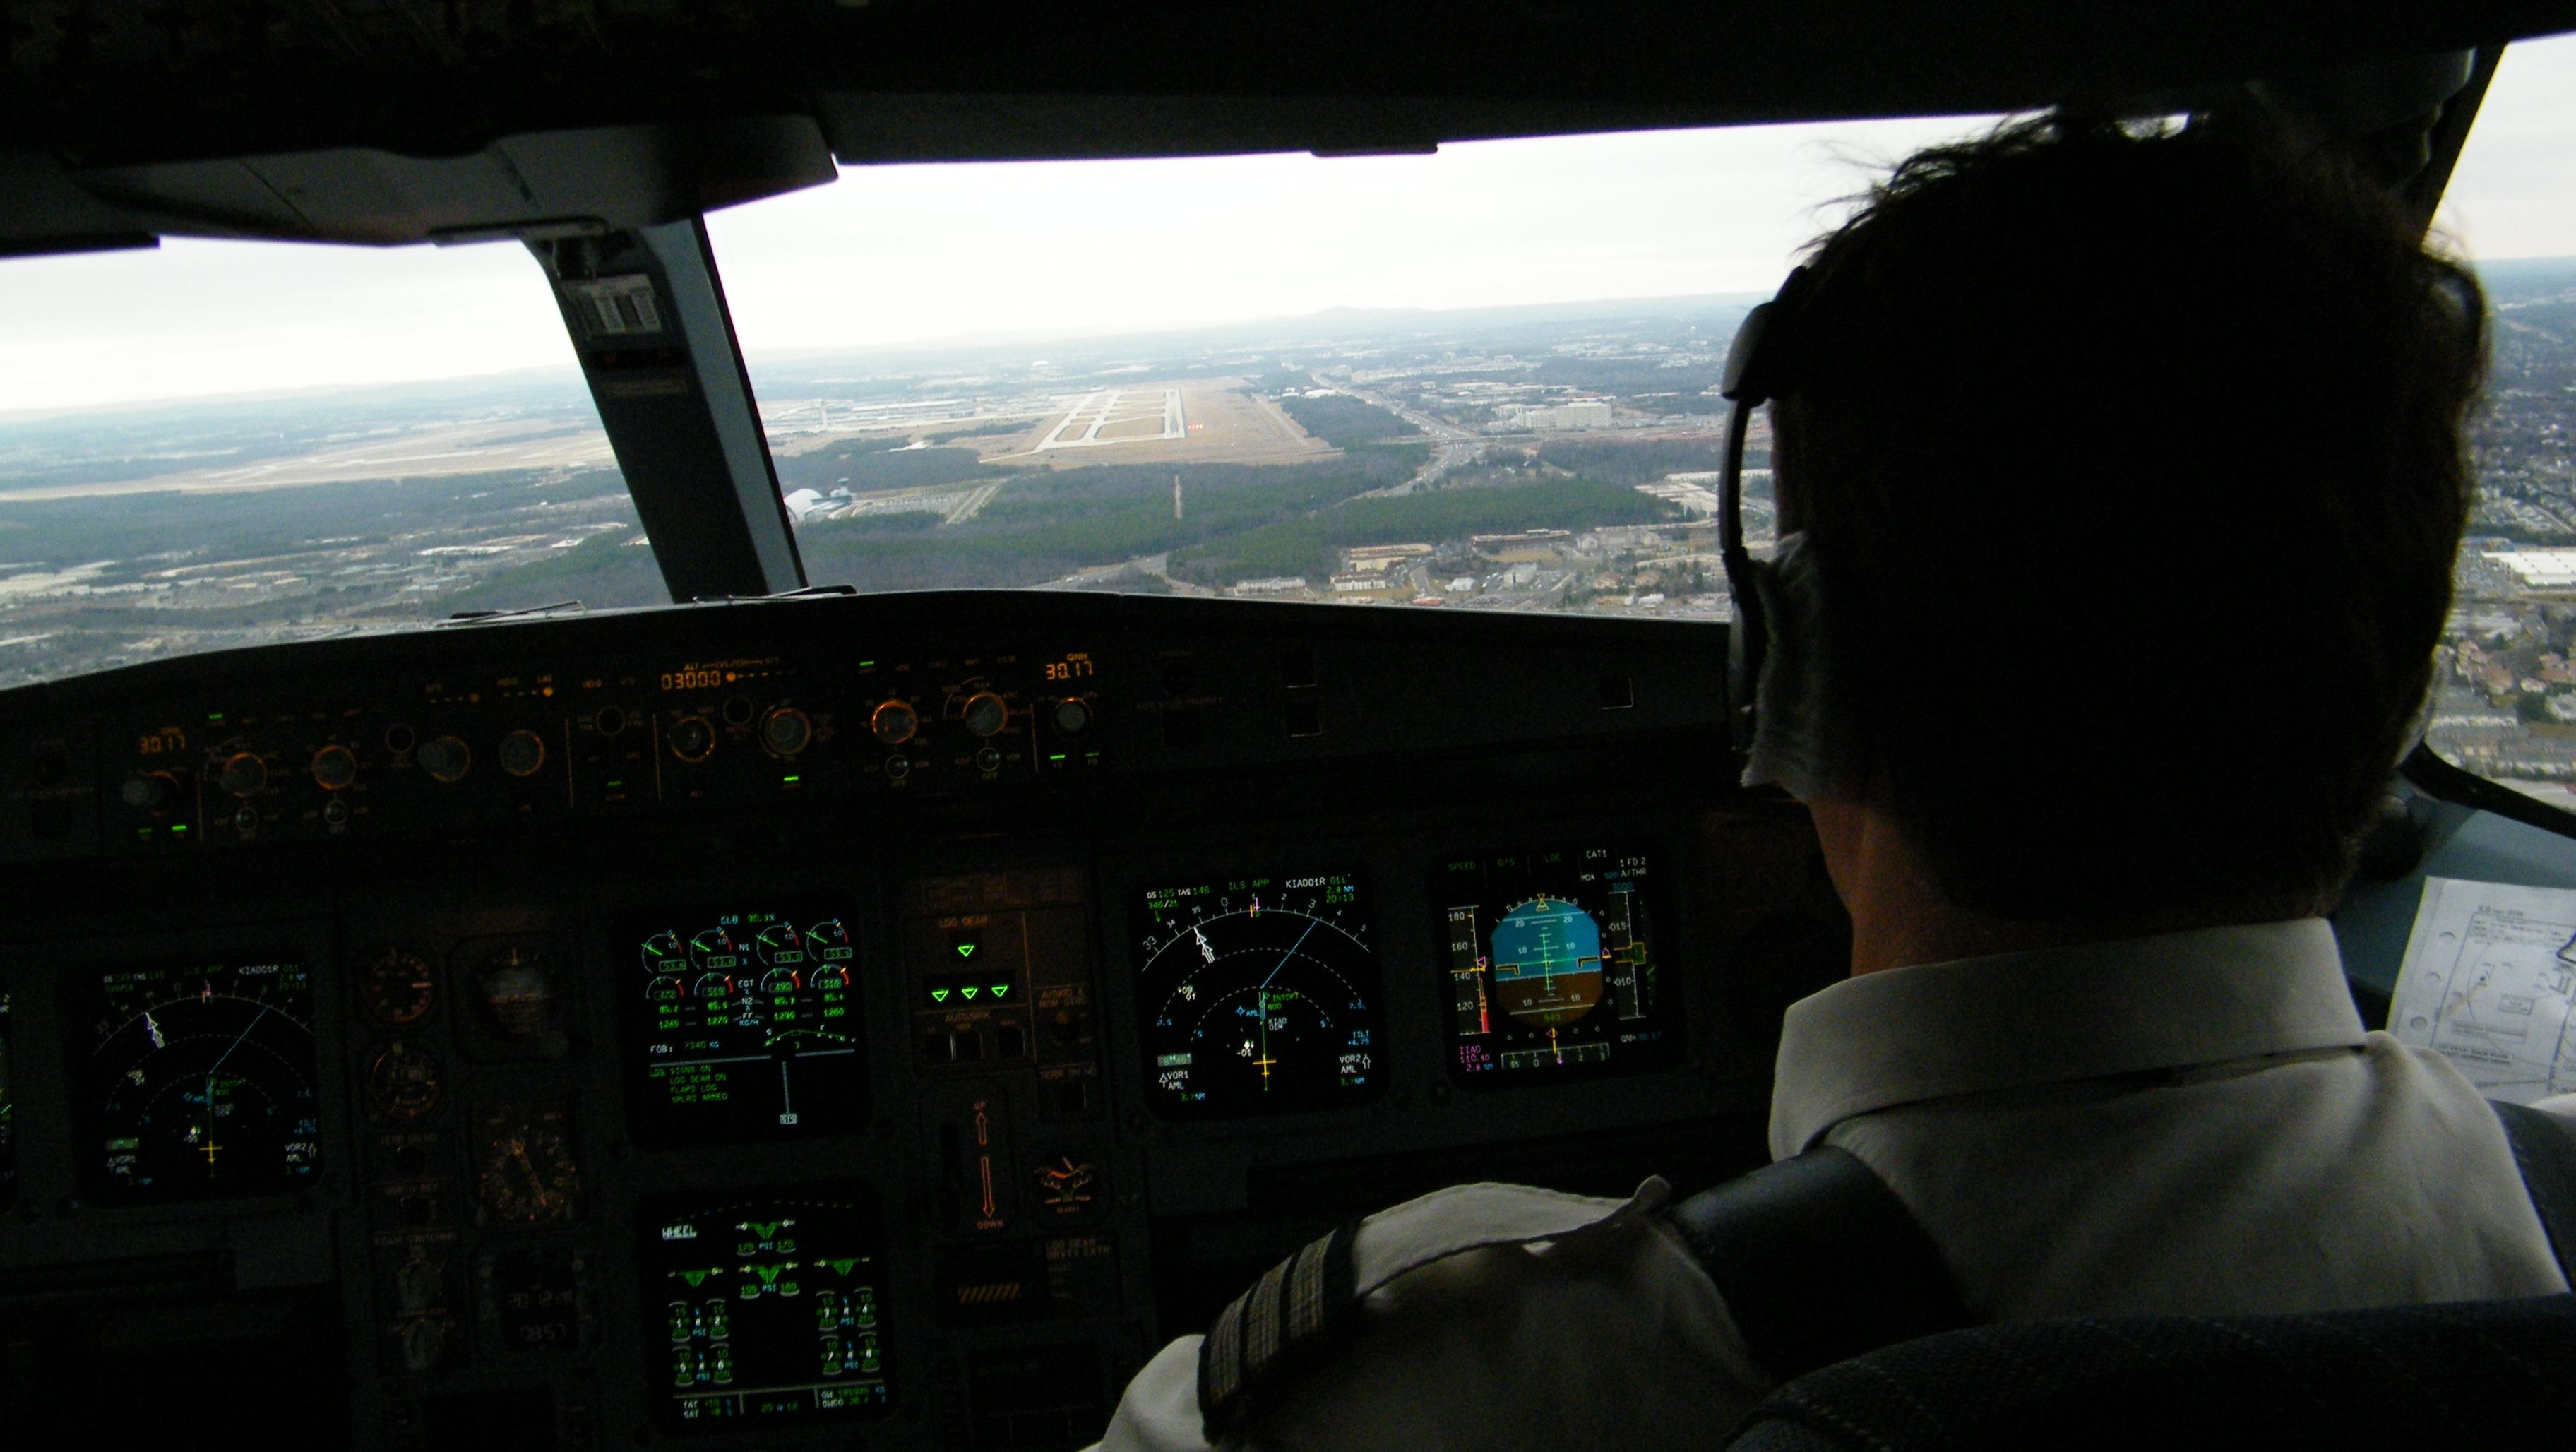 SAS' piloternes strejke i foråret kan blive ekstra bekostelig for SAS. Arkivfoto: Henrik Baumgarten.